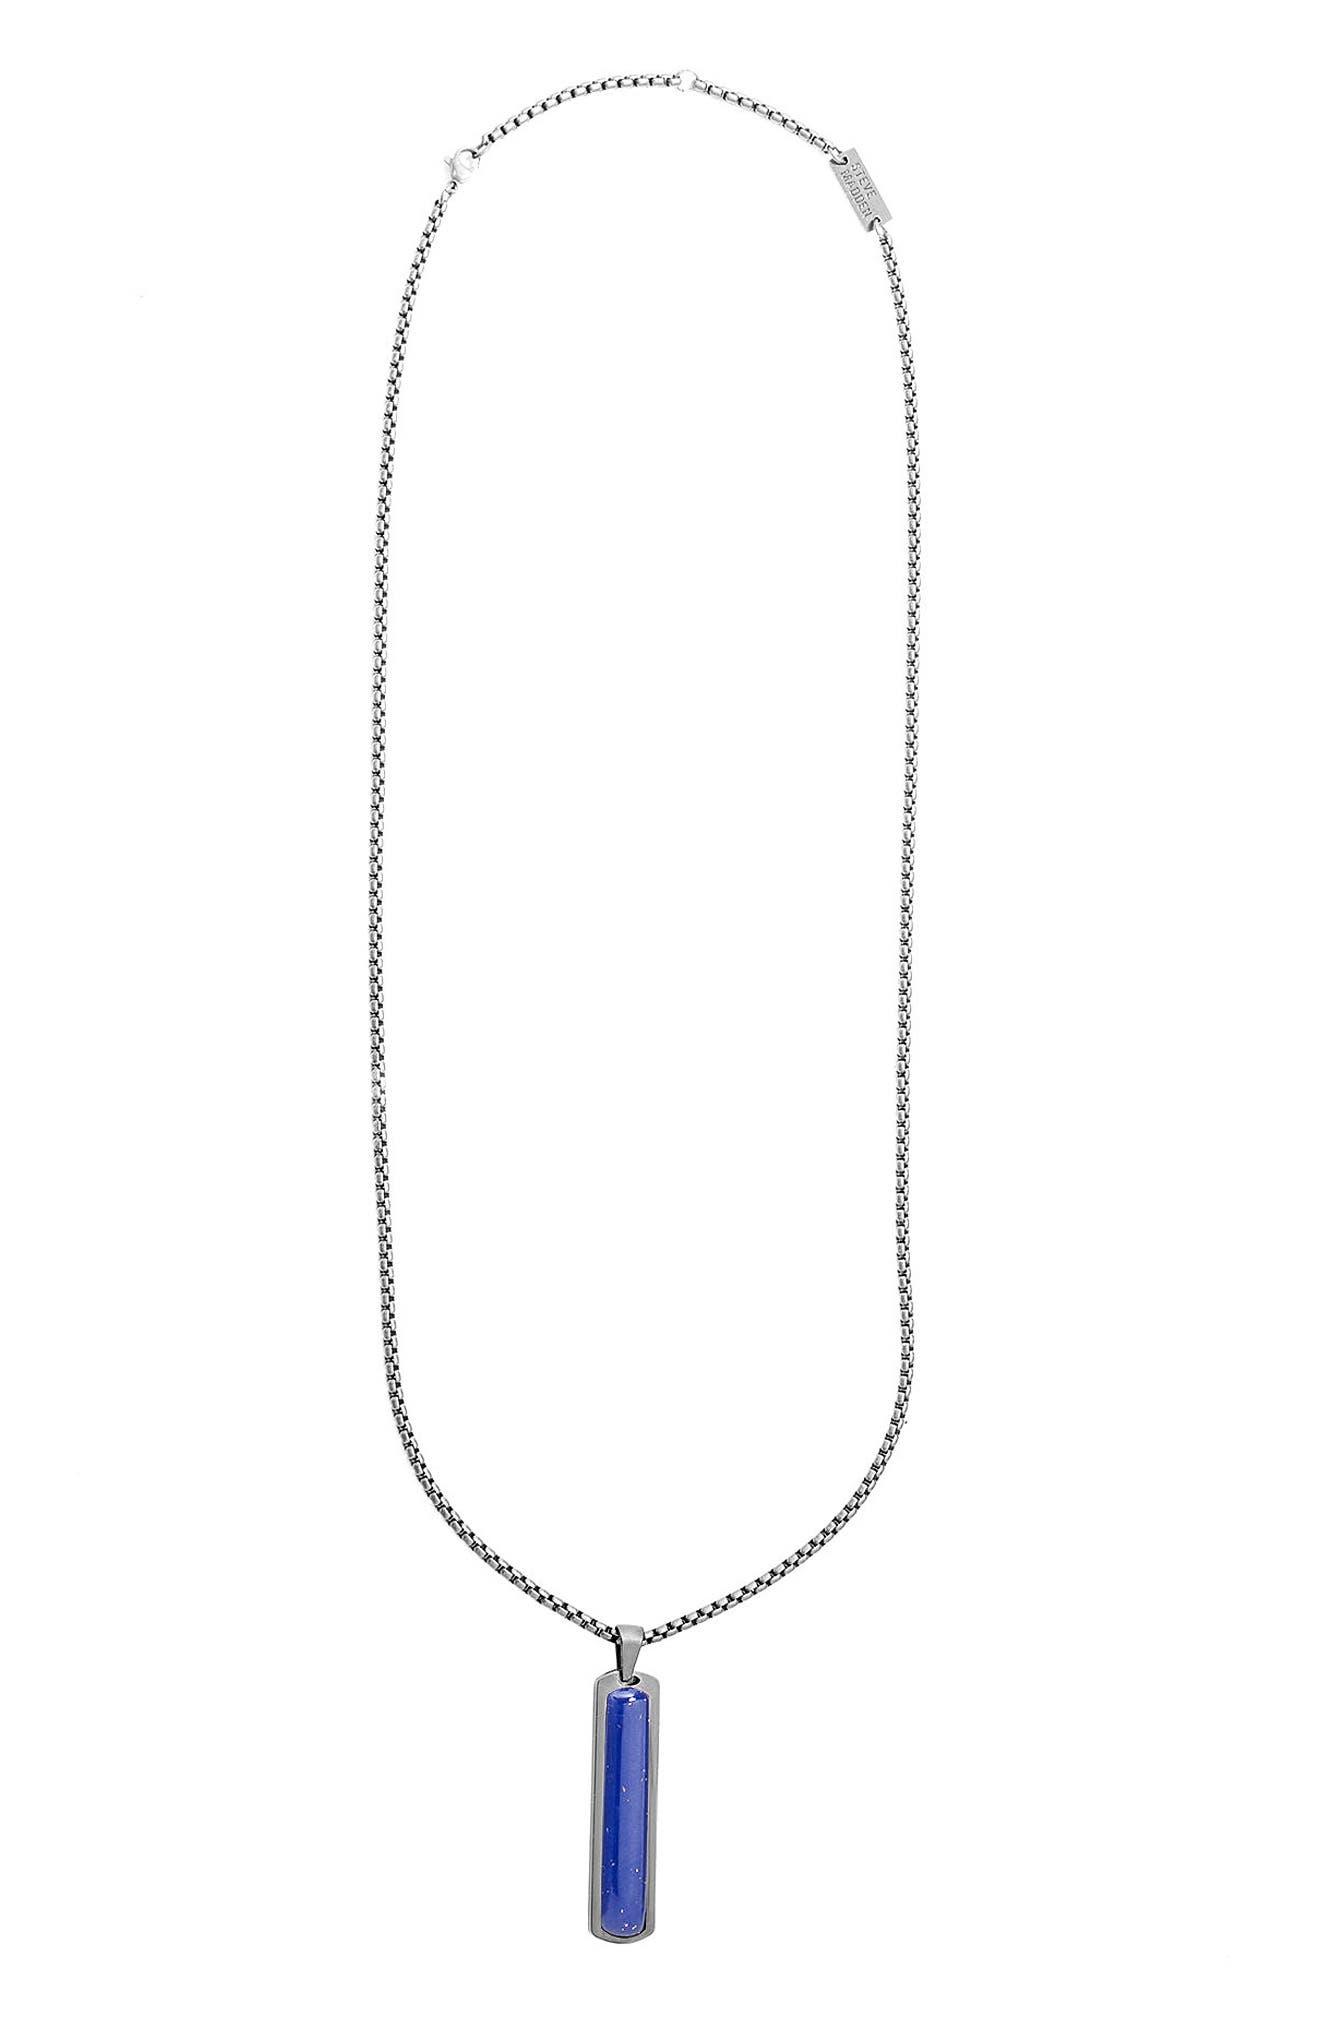 Oxidized Lapis Lazuli Pendant Necklace,                         Main,                         color, 402